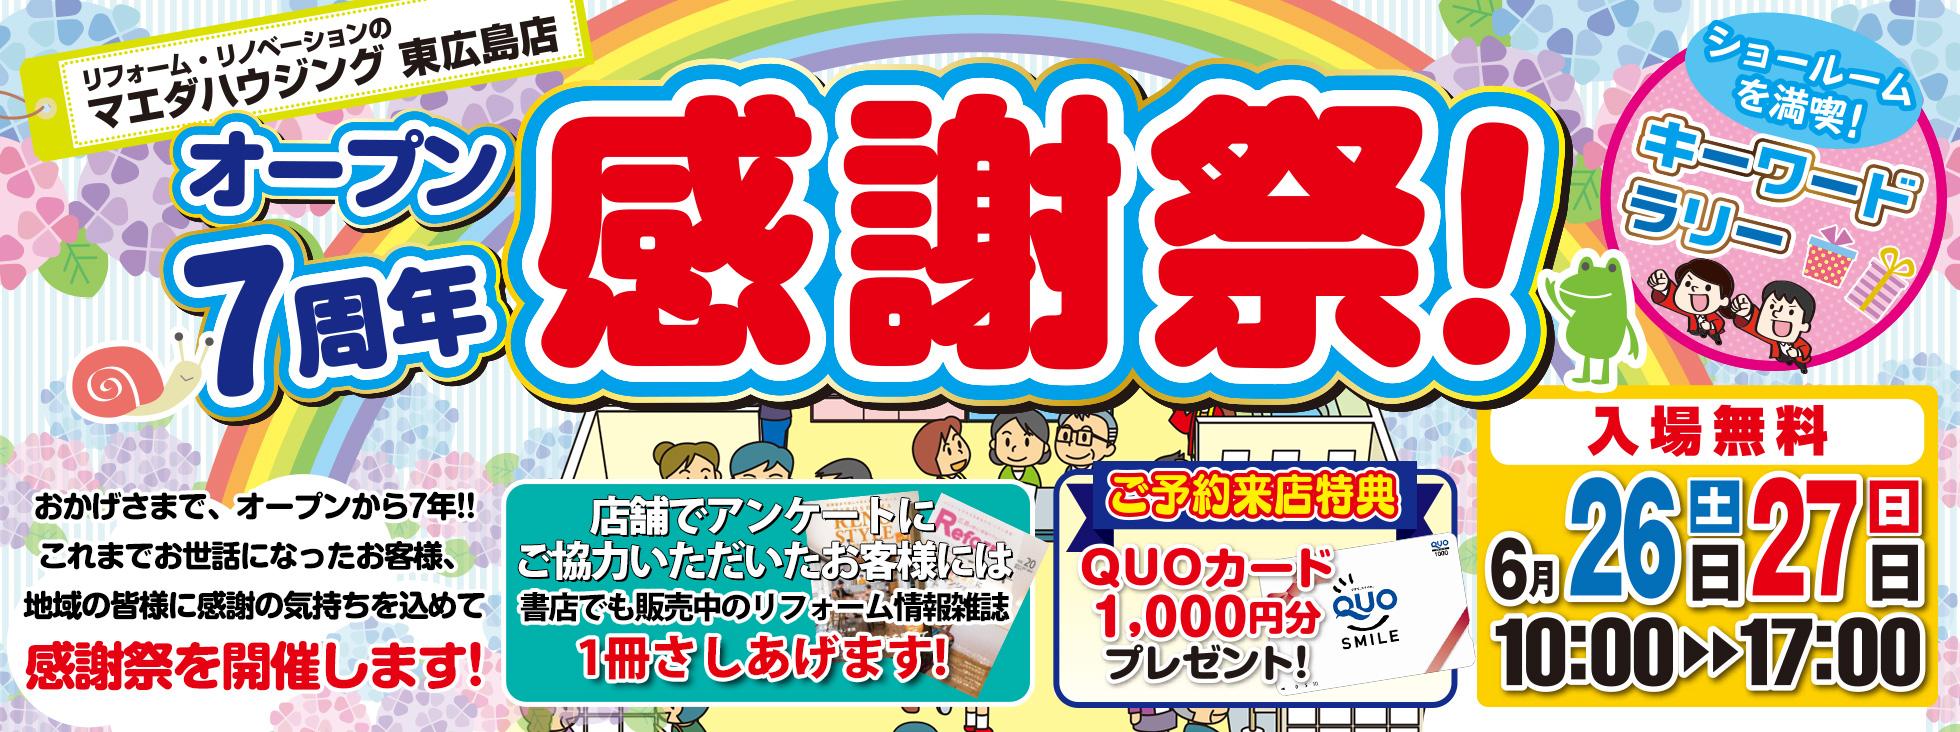 東広島7周年感謝祭